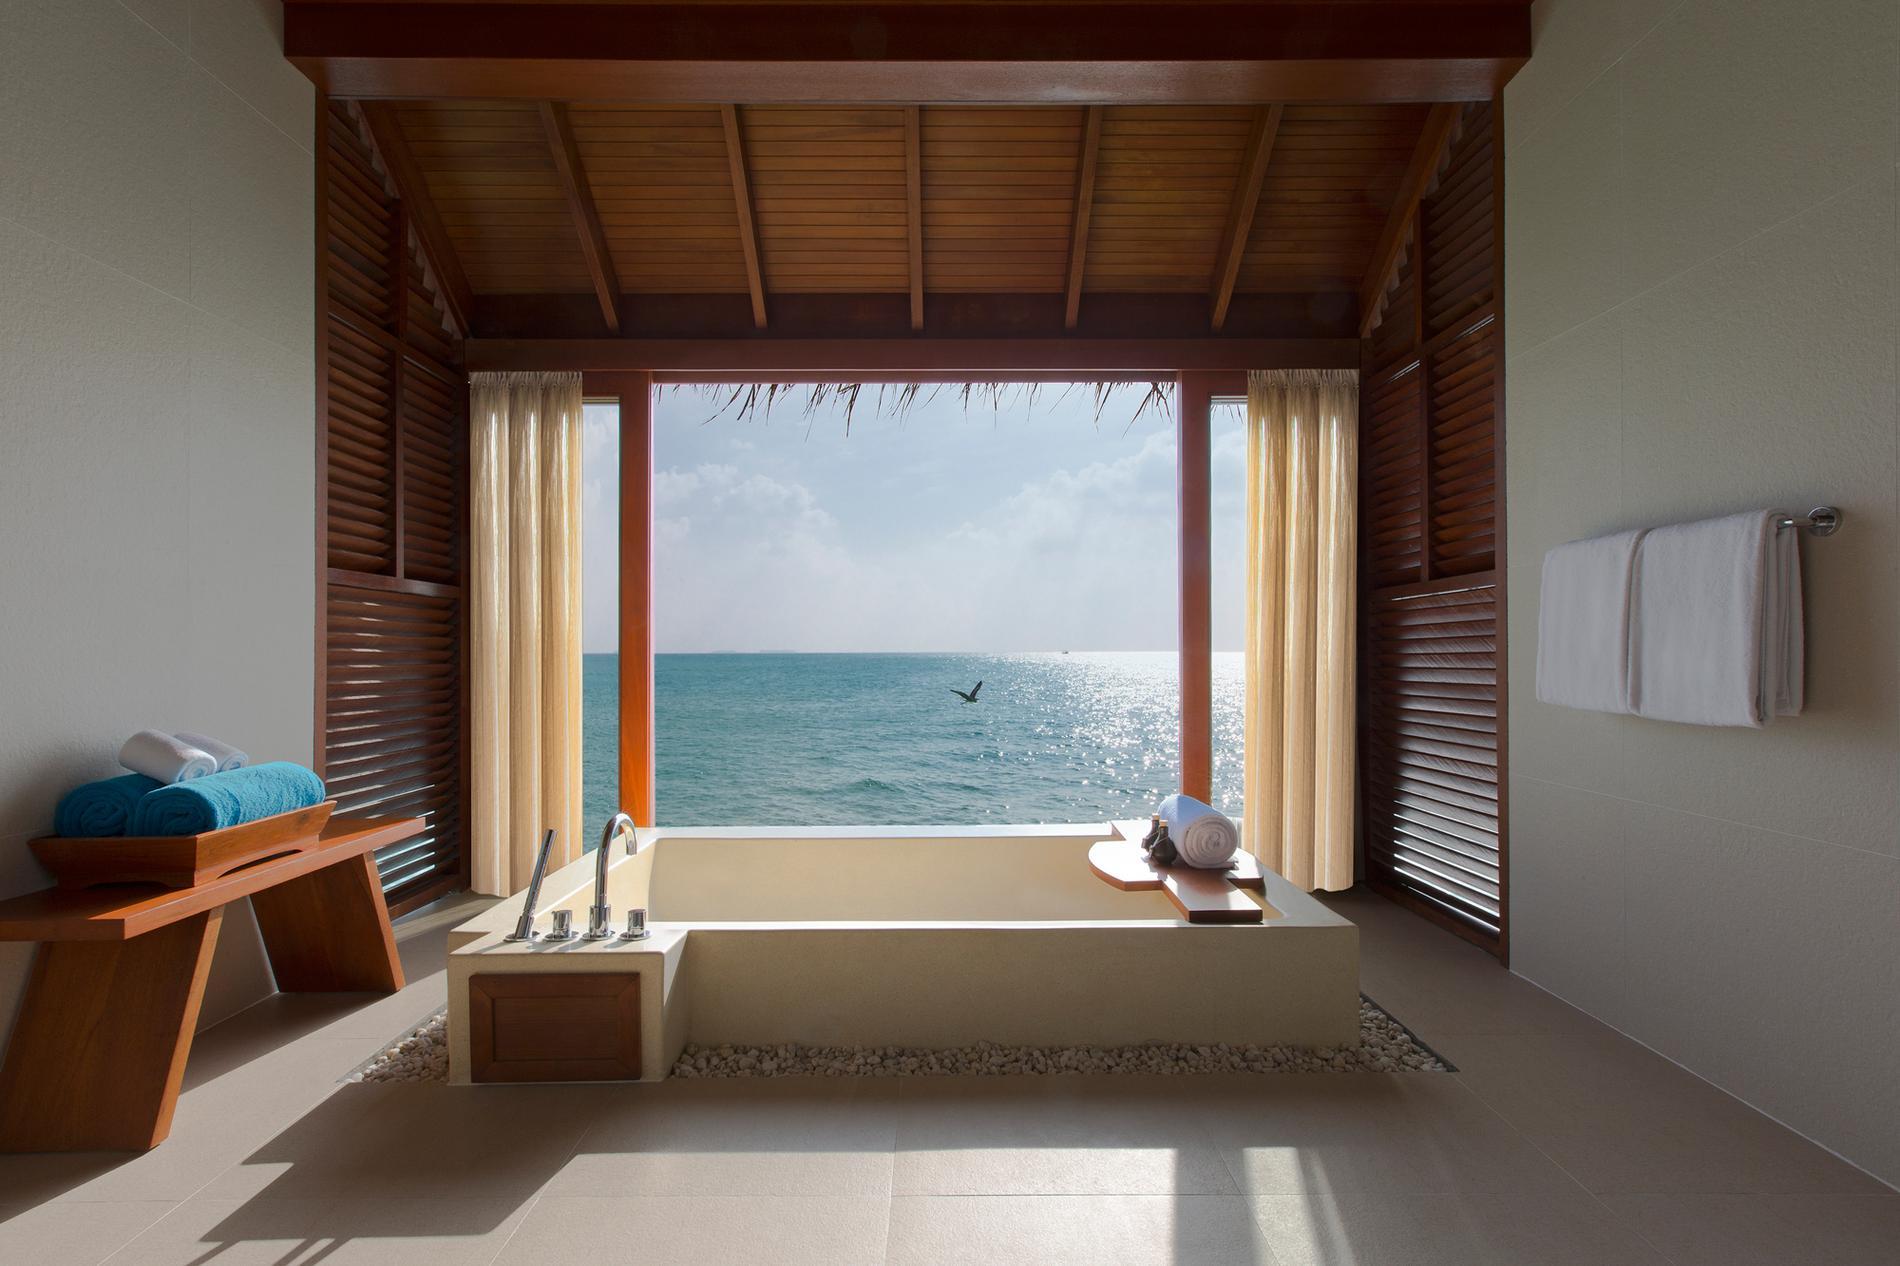 Hôtel Spa aux Maldives - Hôtel de luxe Kanuhura, maldivien séjour